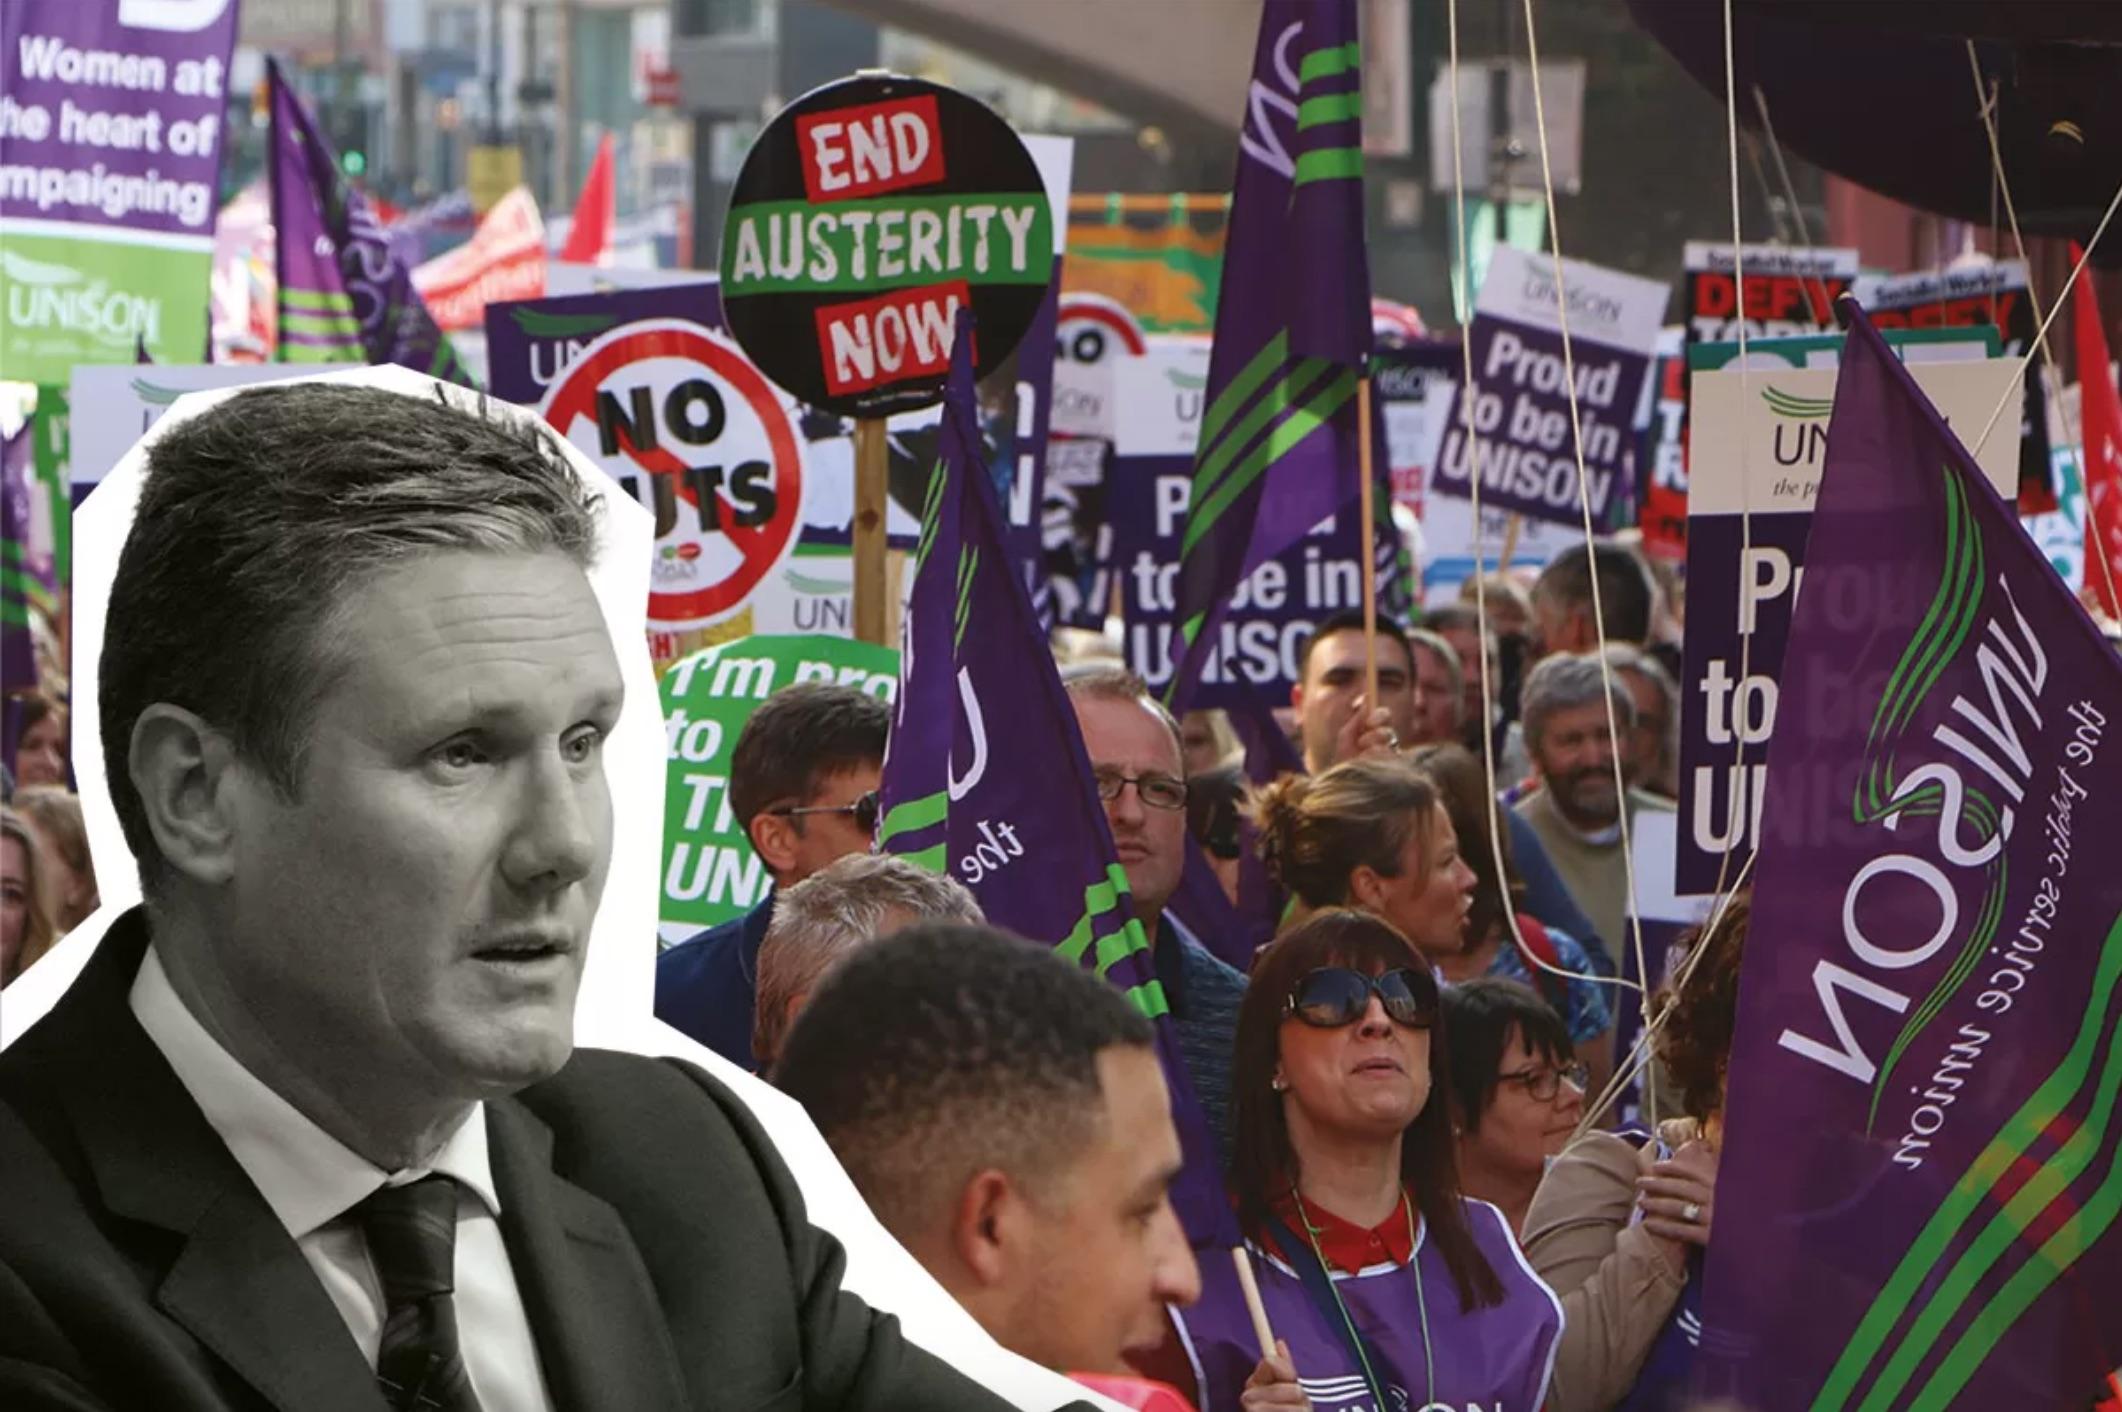 工党的右翼将变得越来越不受欢迎,因为工人们会远离该党,并期待工会为他们的利益而斗争。//图片来源:英国《社会主义呼唤报》